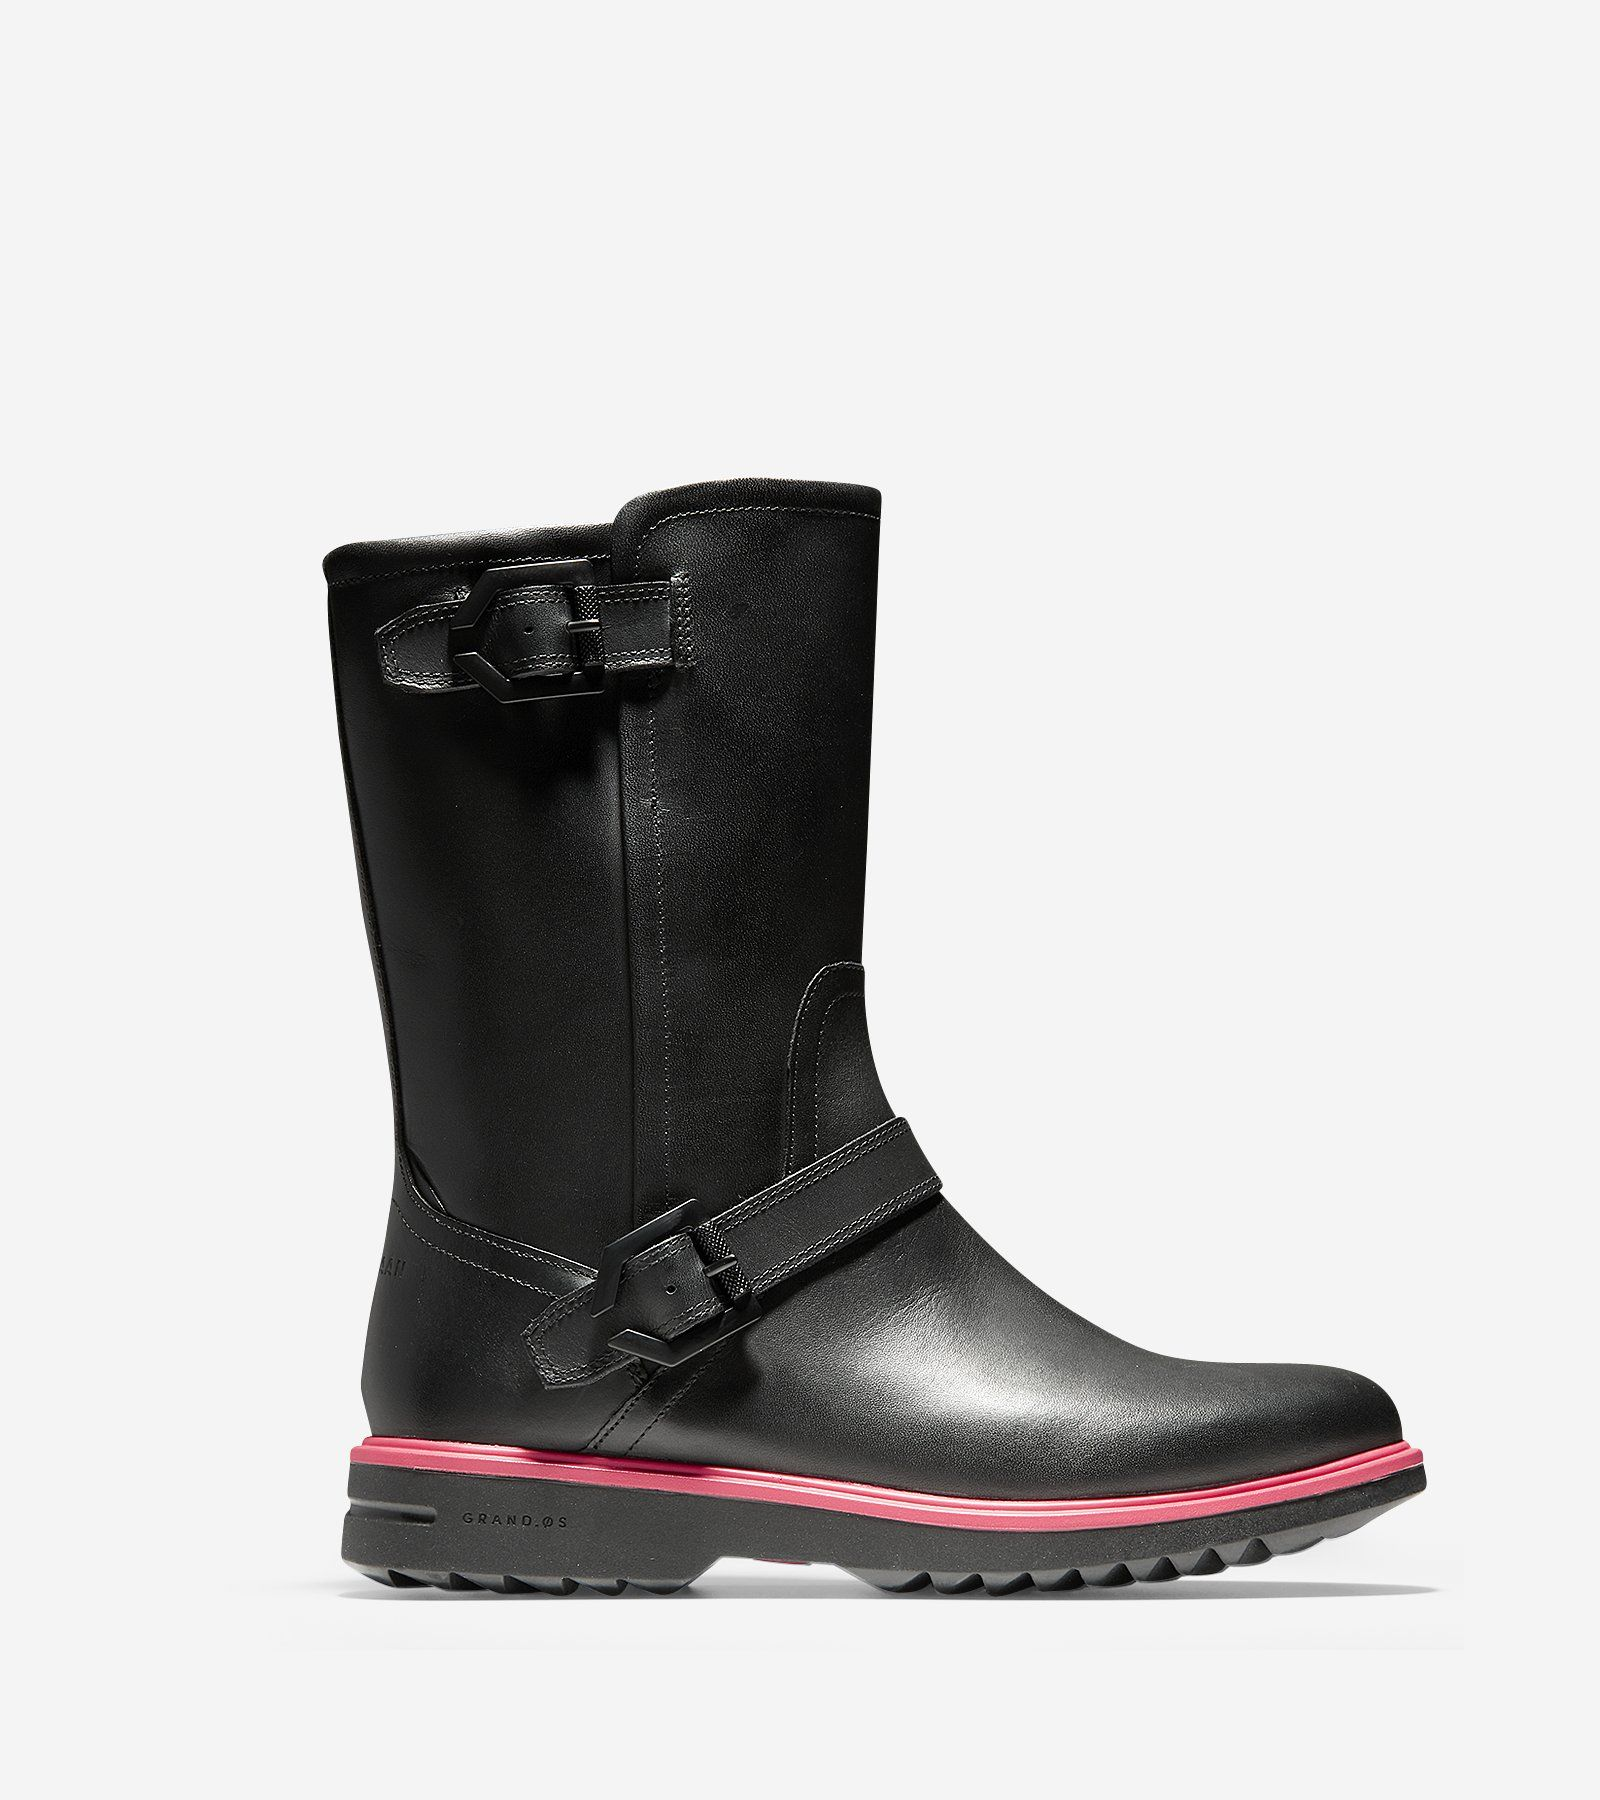 Women's Millbridge Waterproof Moto Boots in Black | Cole Haan